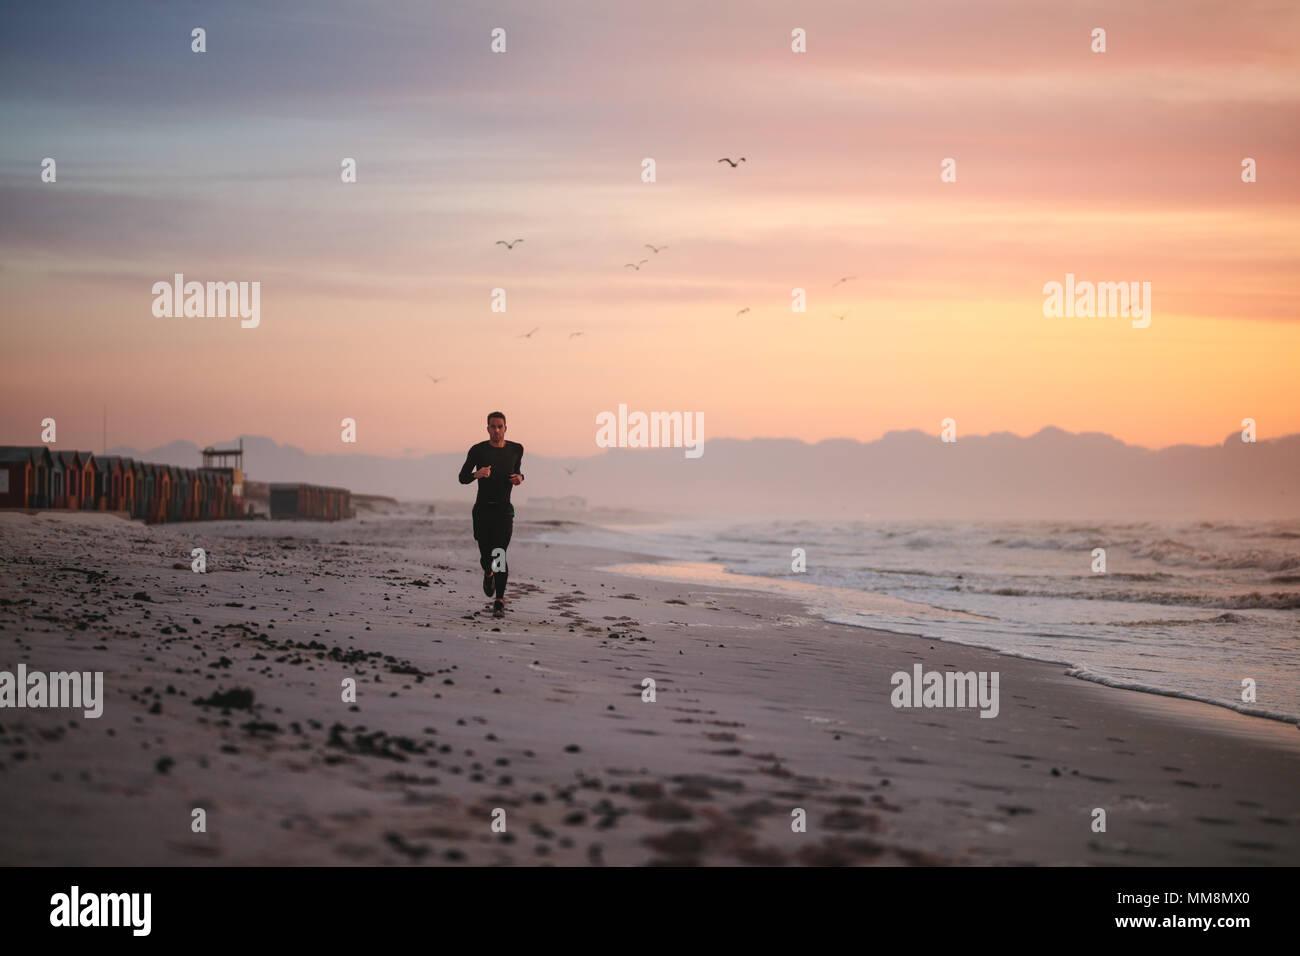 Volle Länge geschossen von Fit männliche Läufer laufen am Strand von Morgen. Fitness mann Joggen am Ufer des Meeres. Stockbild